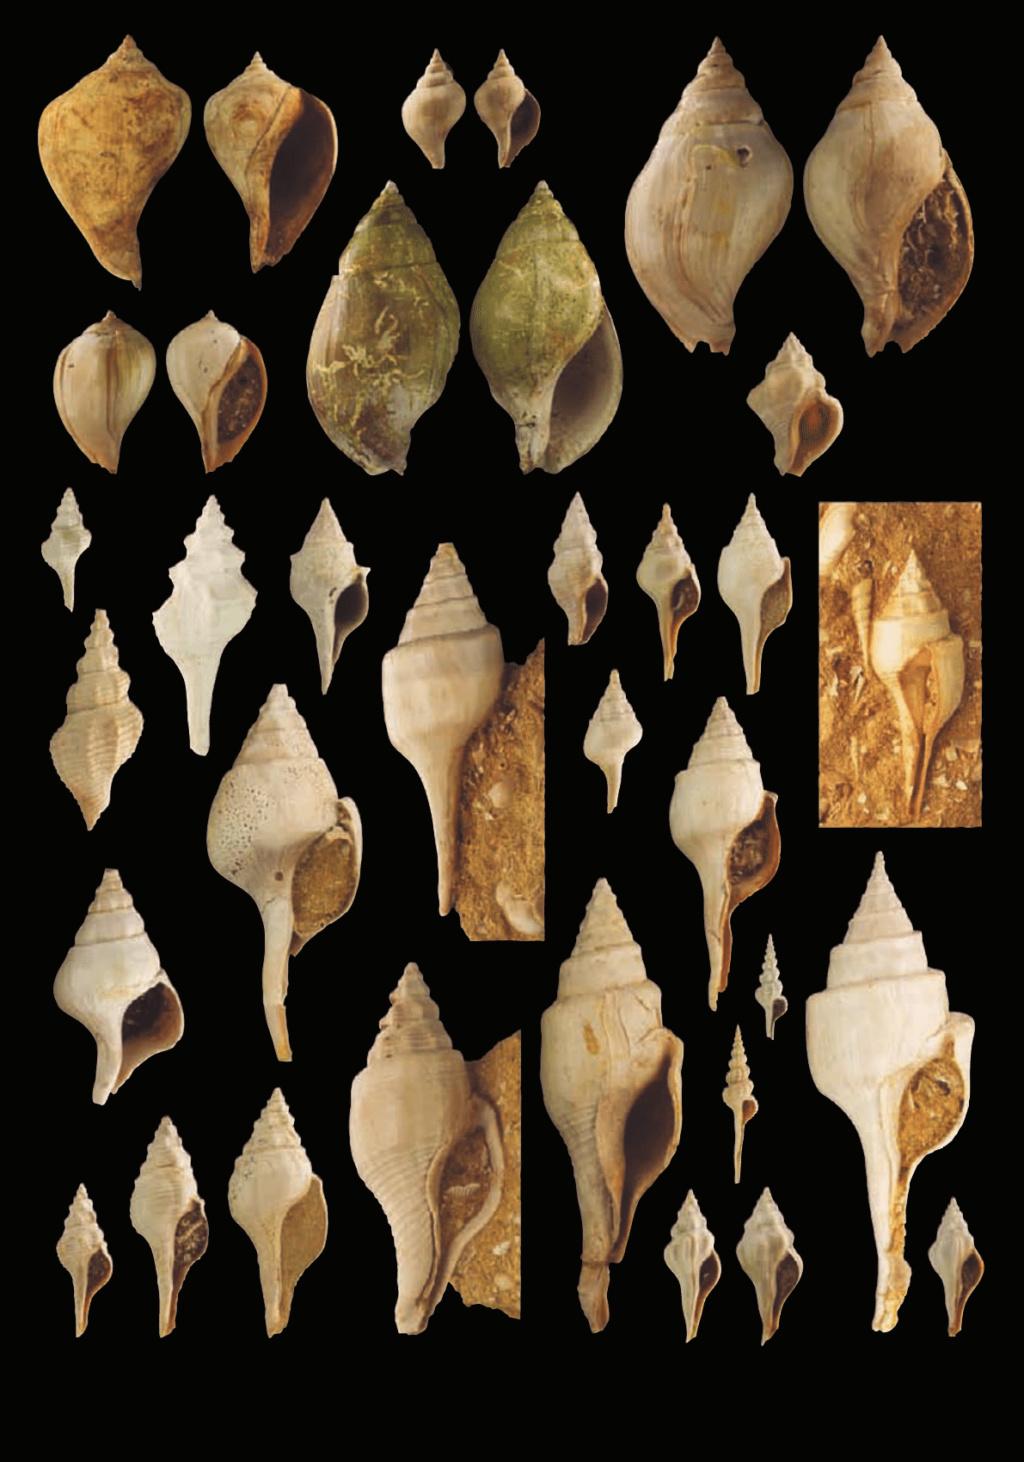 Fasciolariidae - † Clavilithes (Clavellofusus) clavellatus (LAMARCK, 1803) - Lutétien 7_fasc10